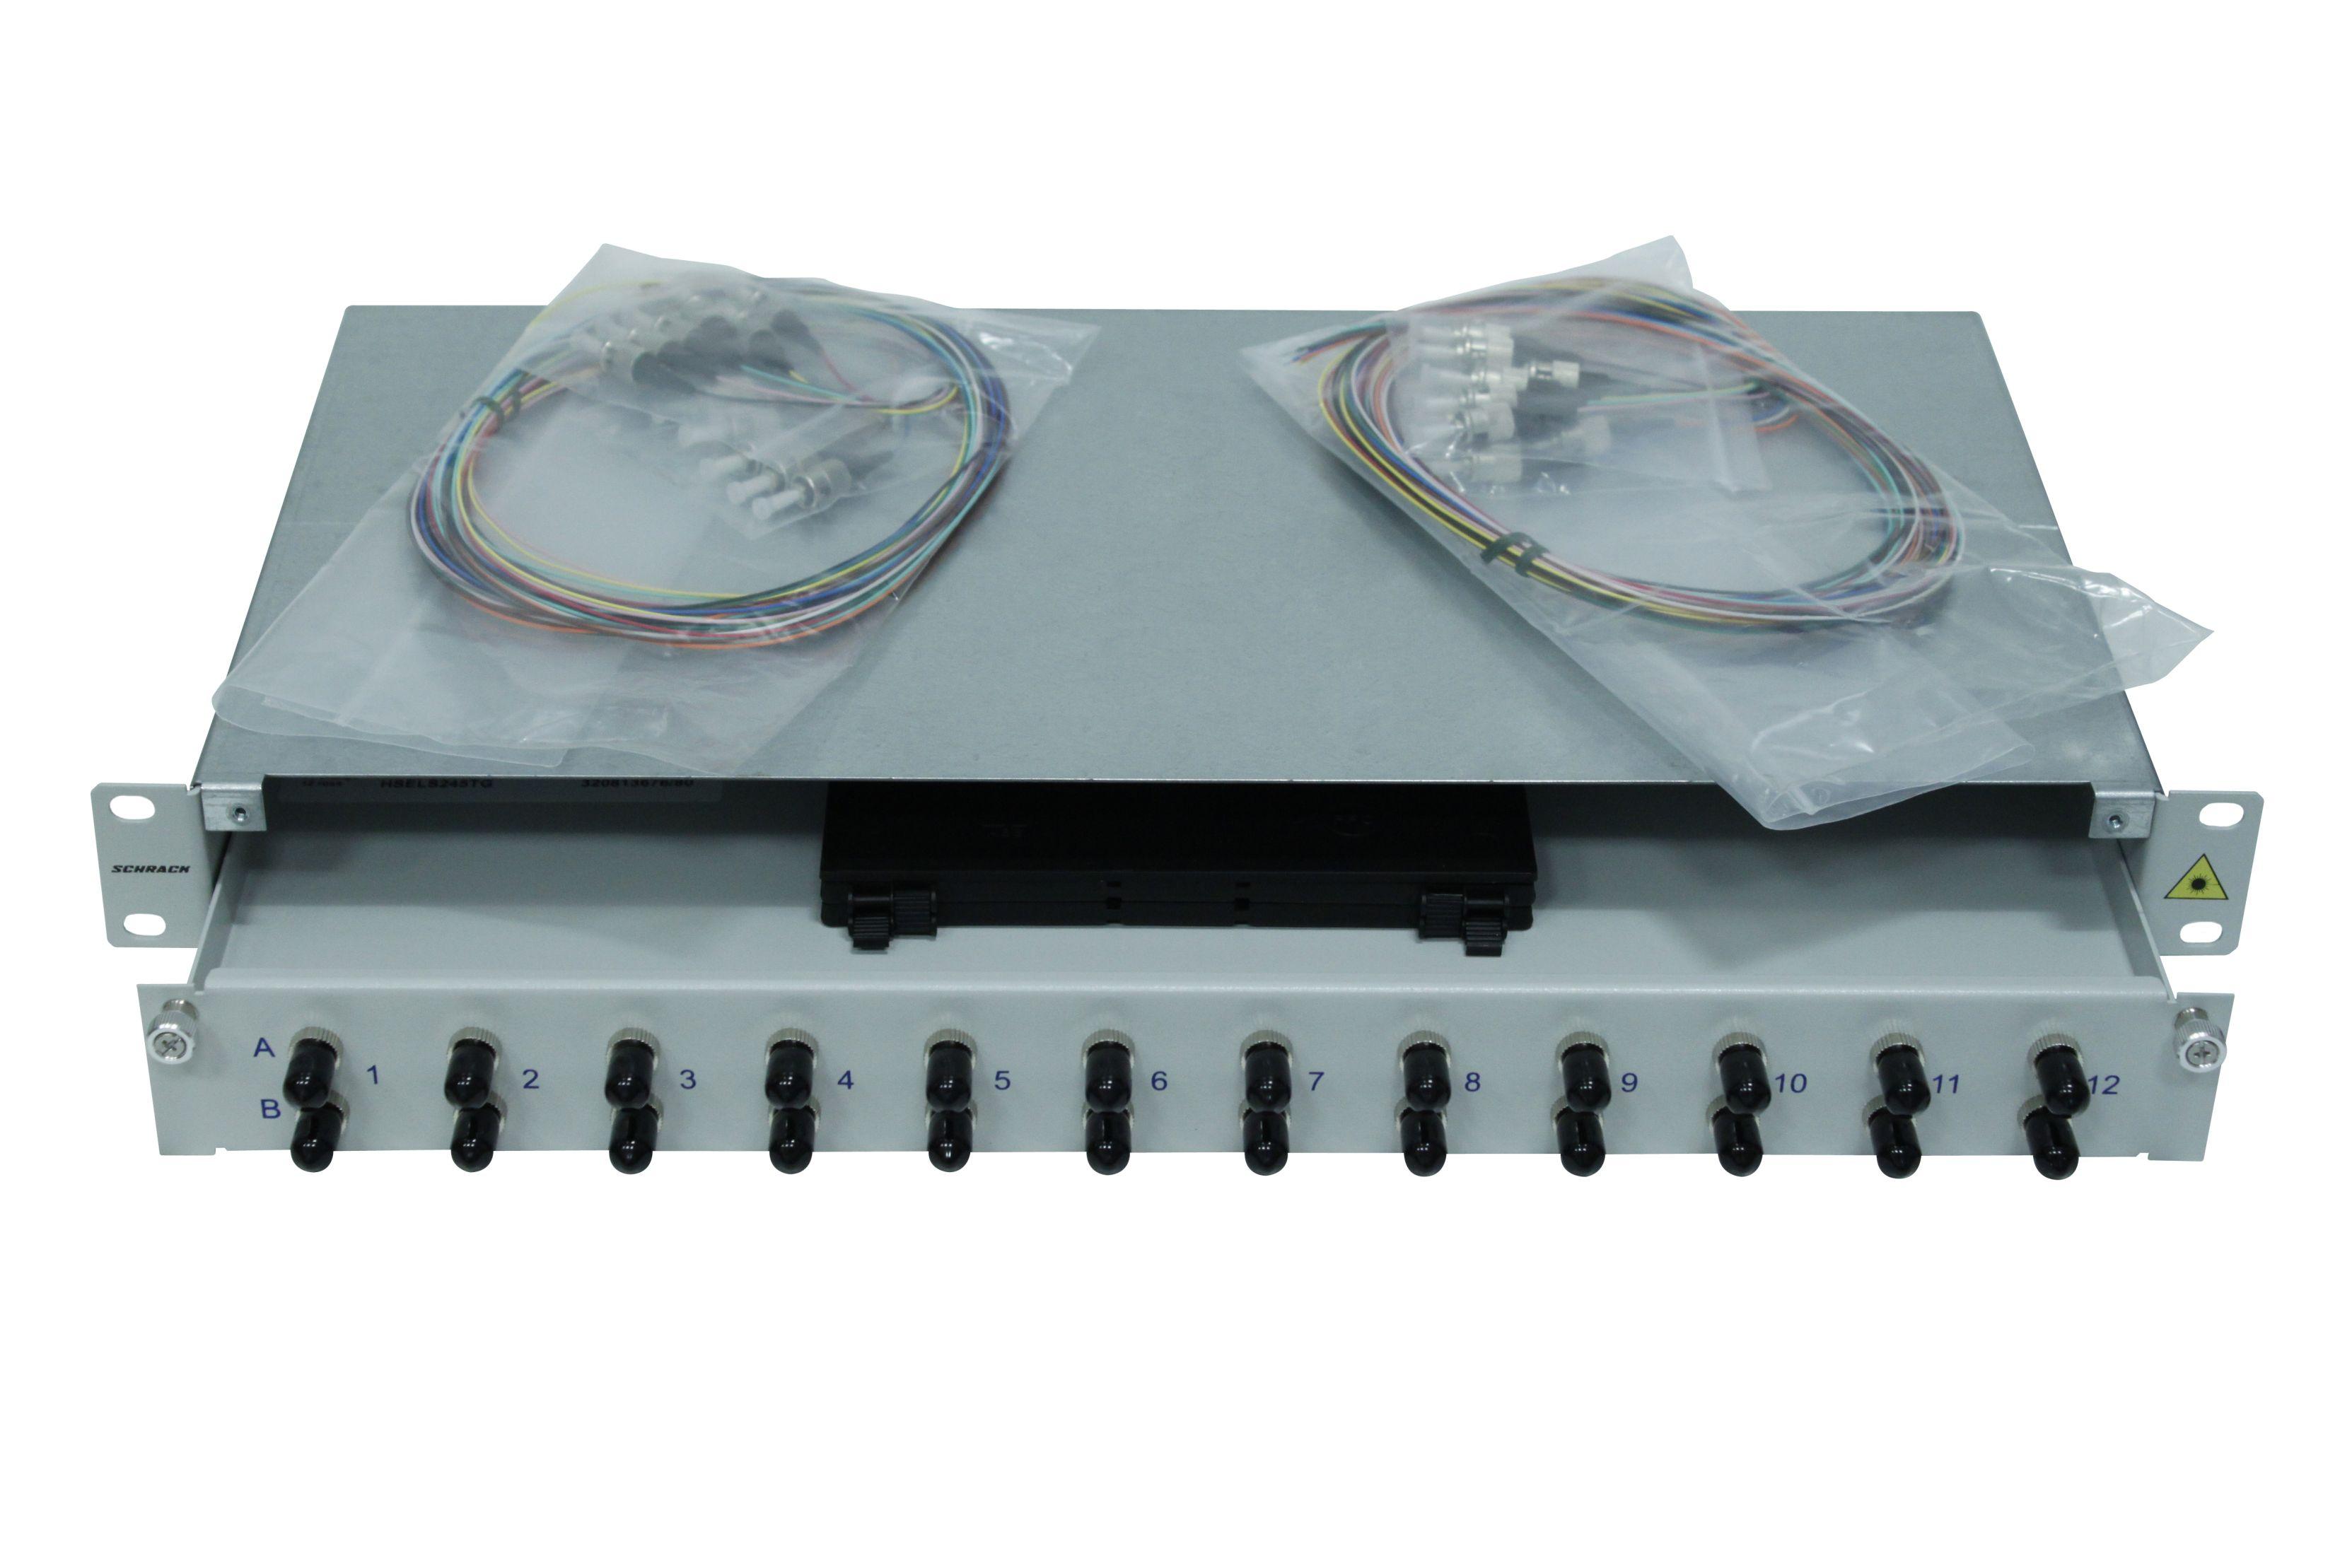 1 Stk LWL Spleißbox,24Fasern,ST,50/125µm OM3, ausziehbar,19,1HE HSELS243TG